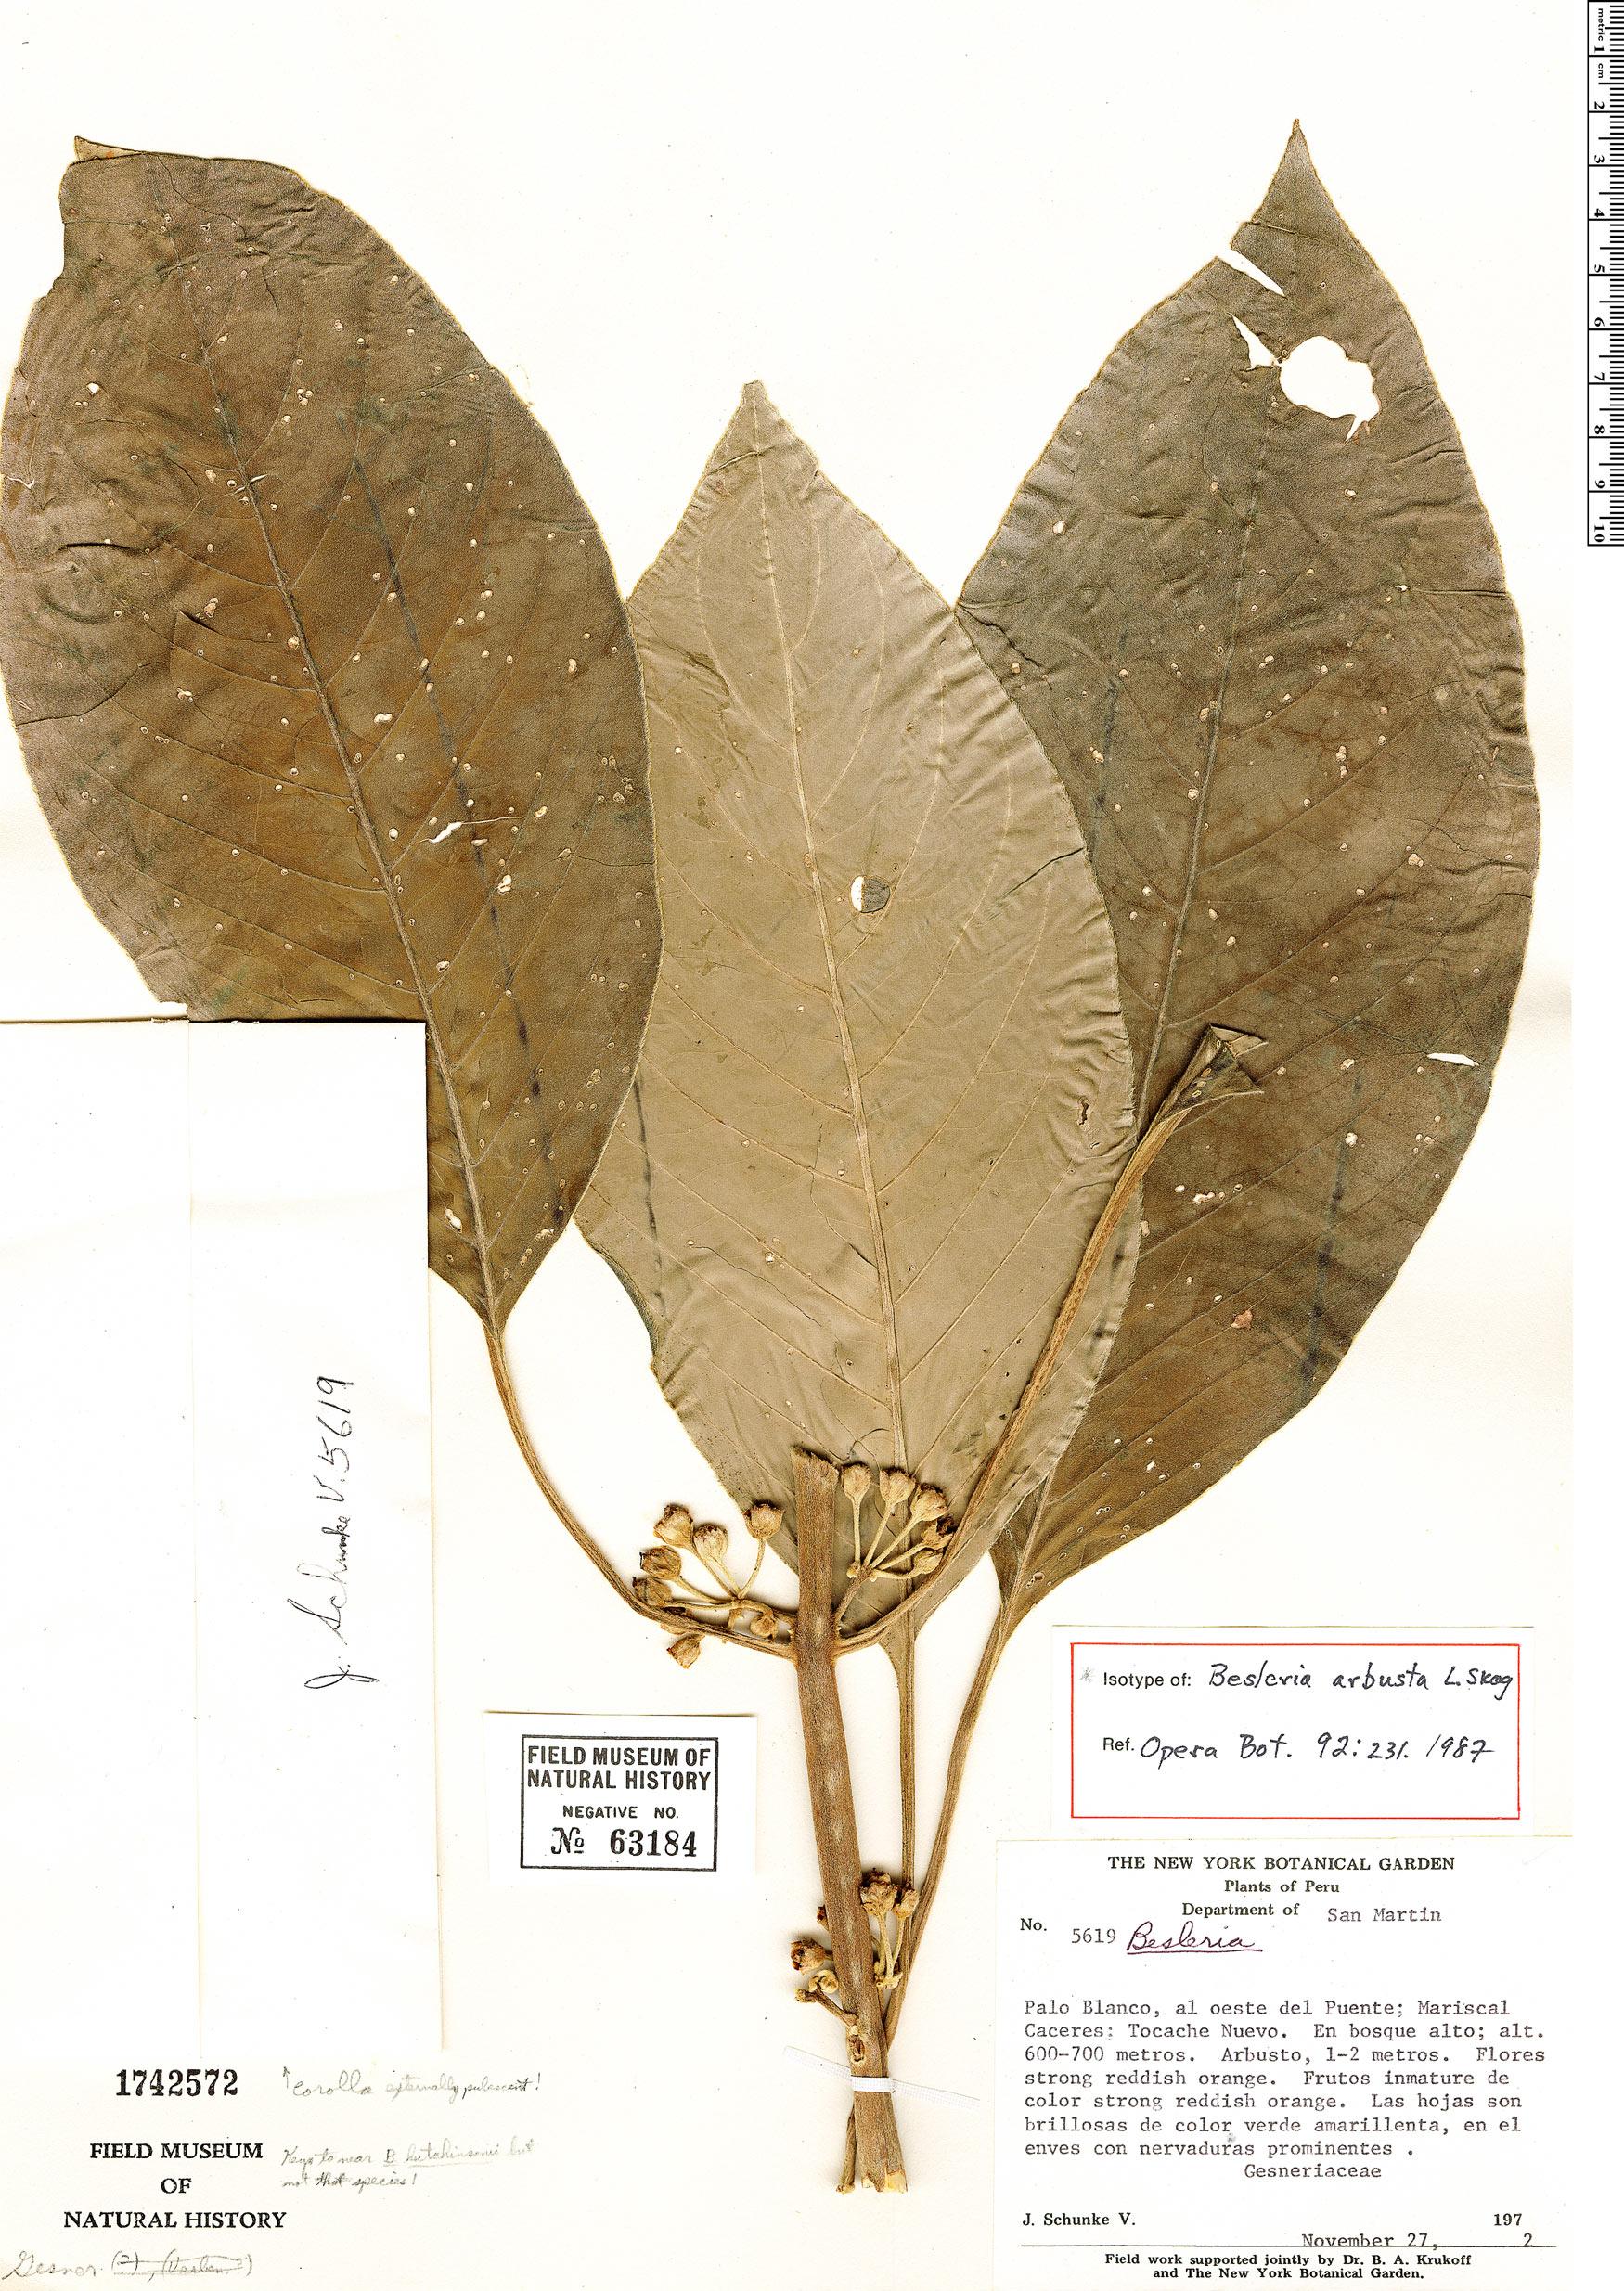 Specimen: Besleria arbusta